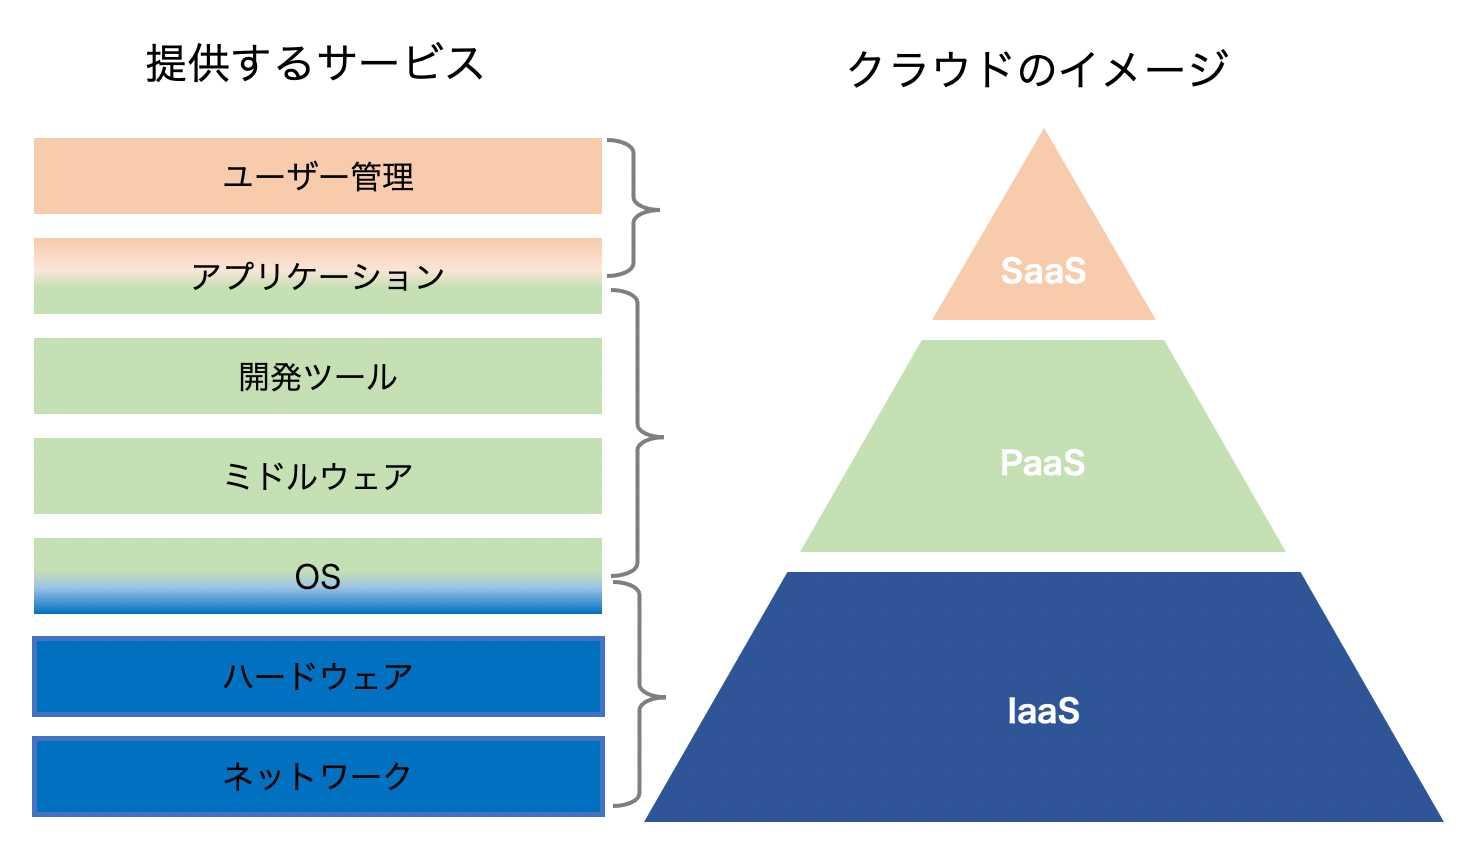 saas-paas-iaasのイメージ図